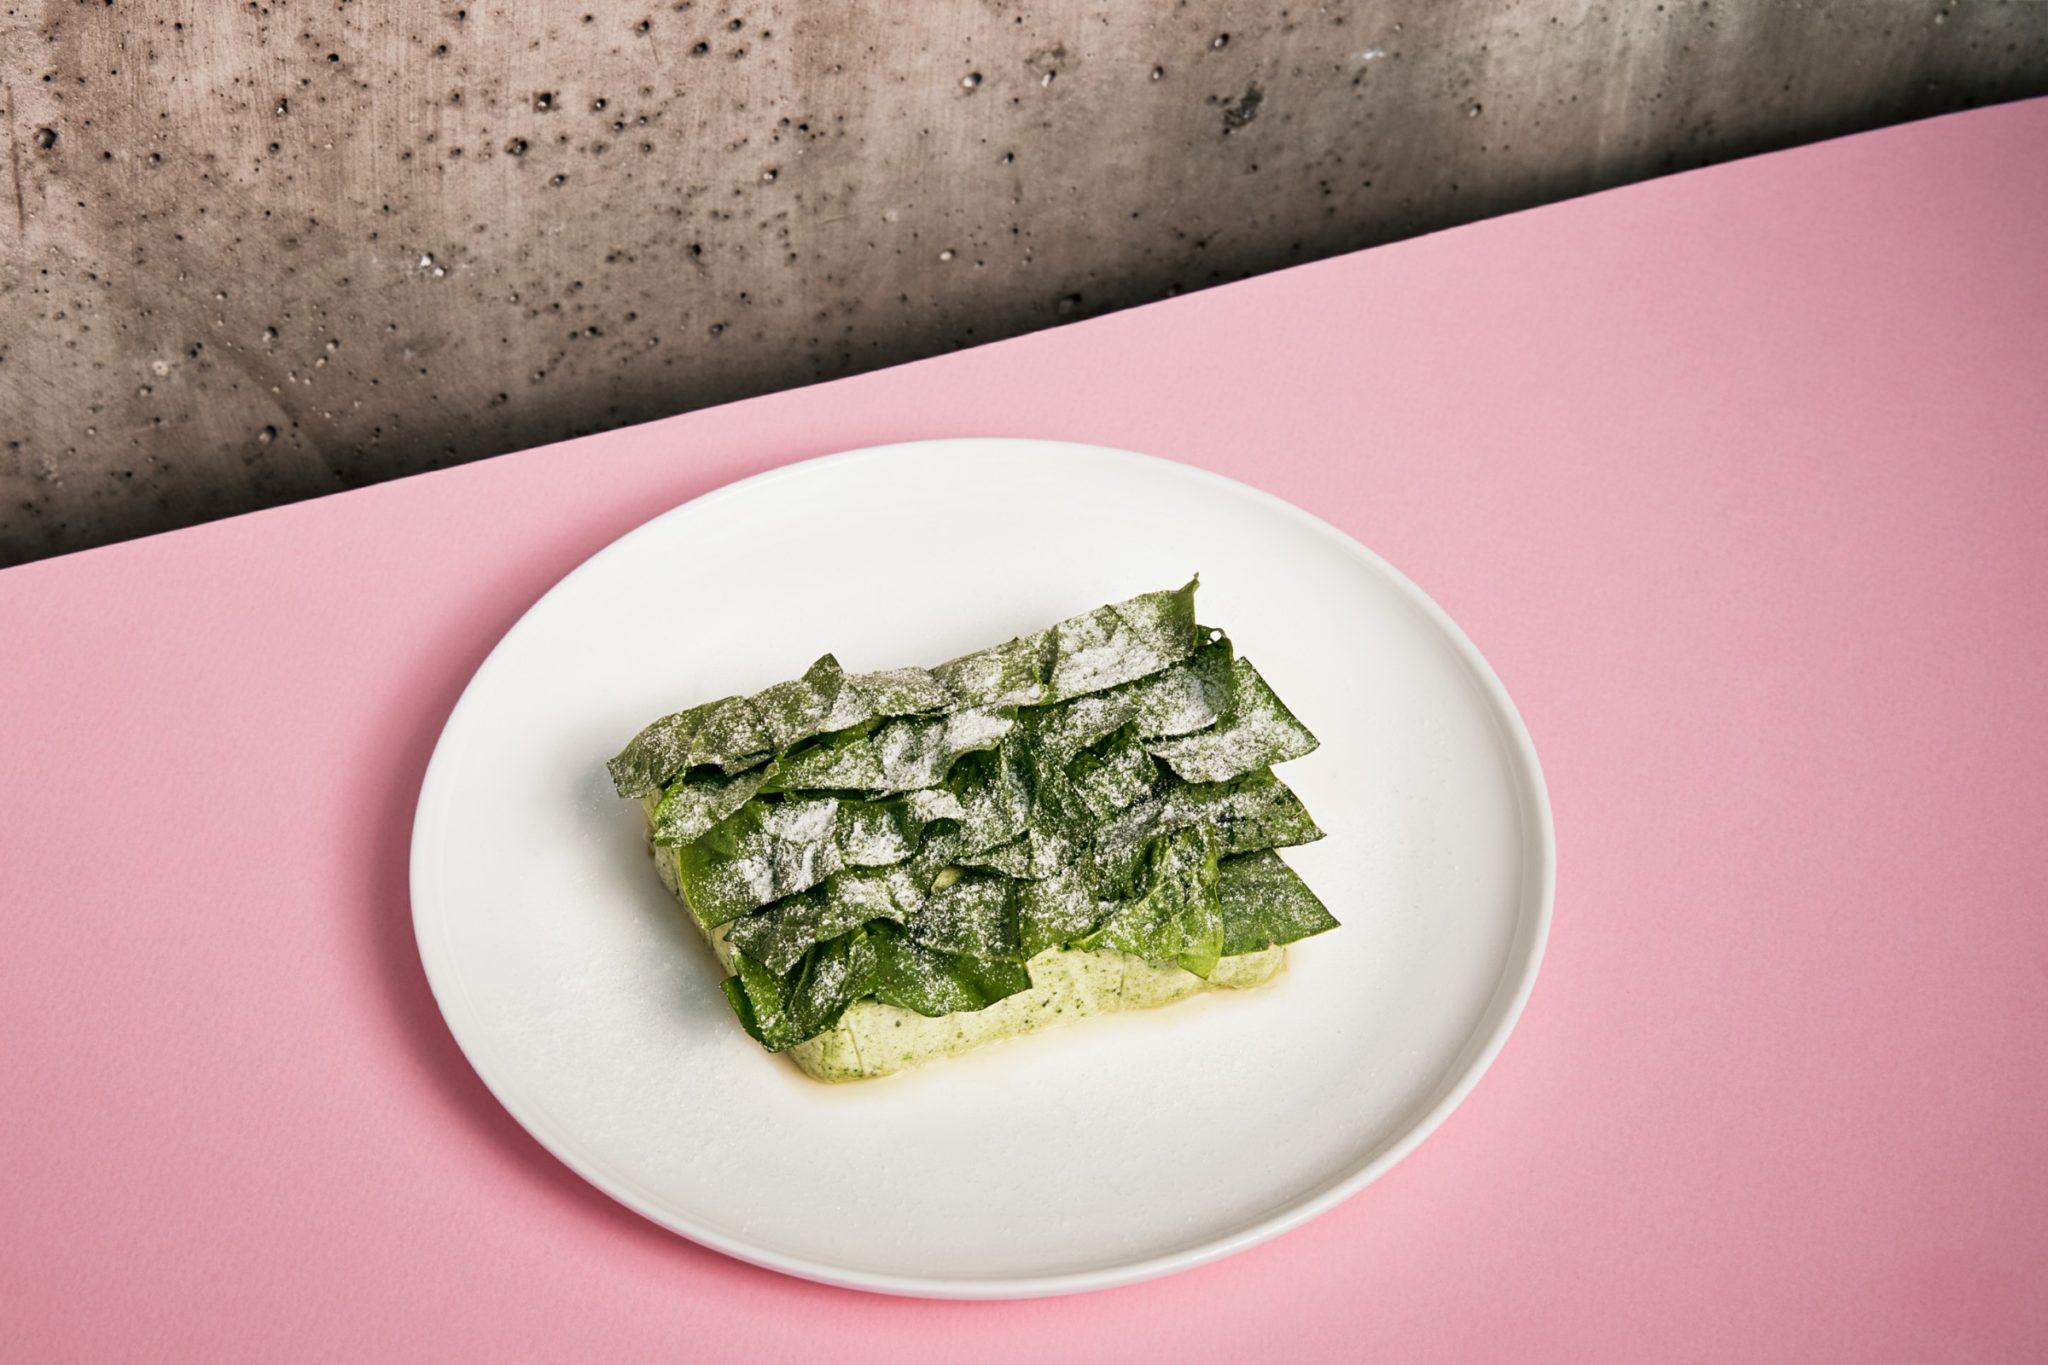 Danie na białym talerzu na różowym tle